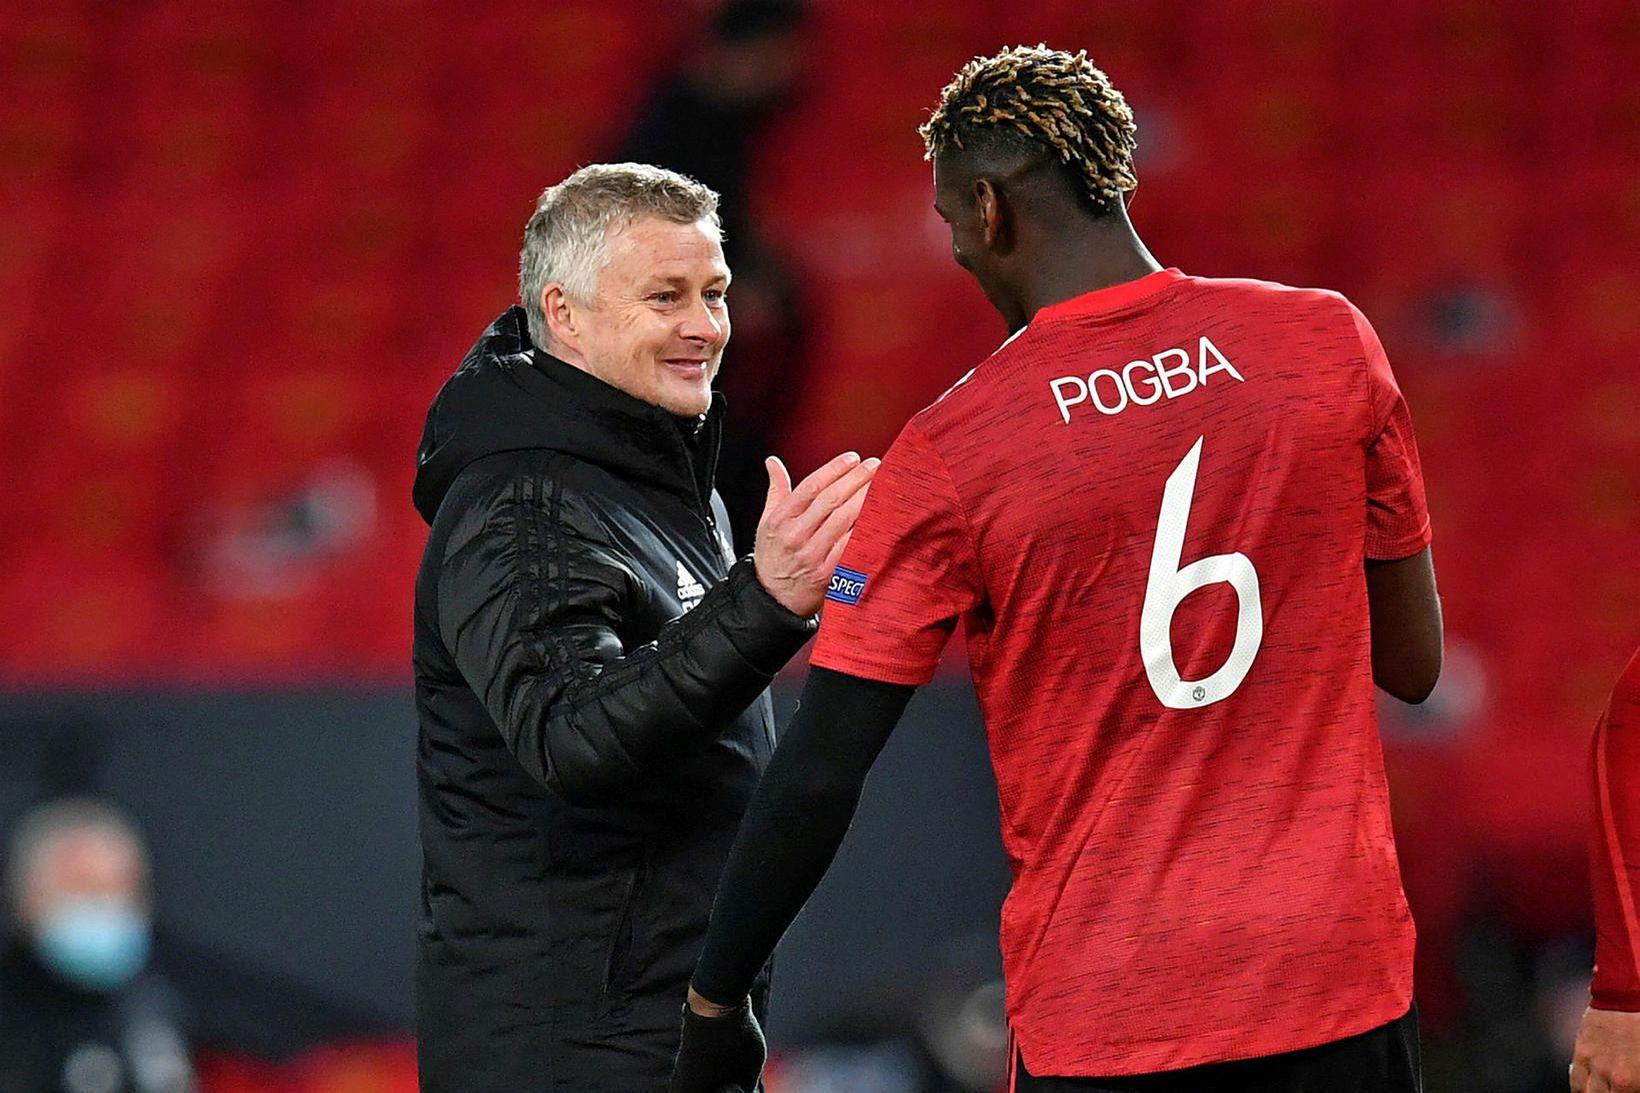 Paul Pogba hefur reglulega verið orðaður við brottför frá United …